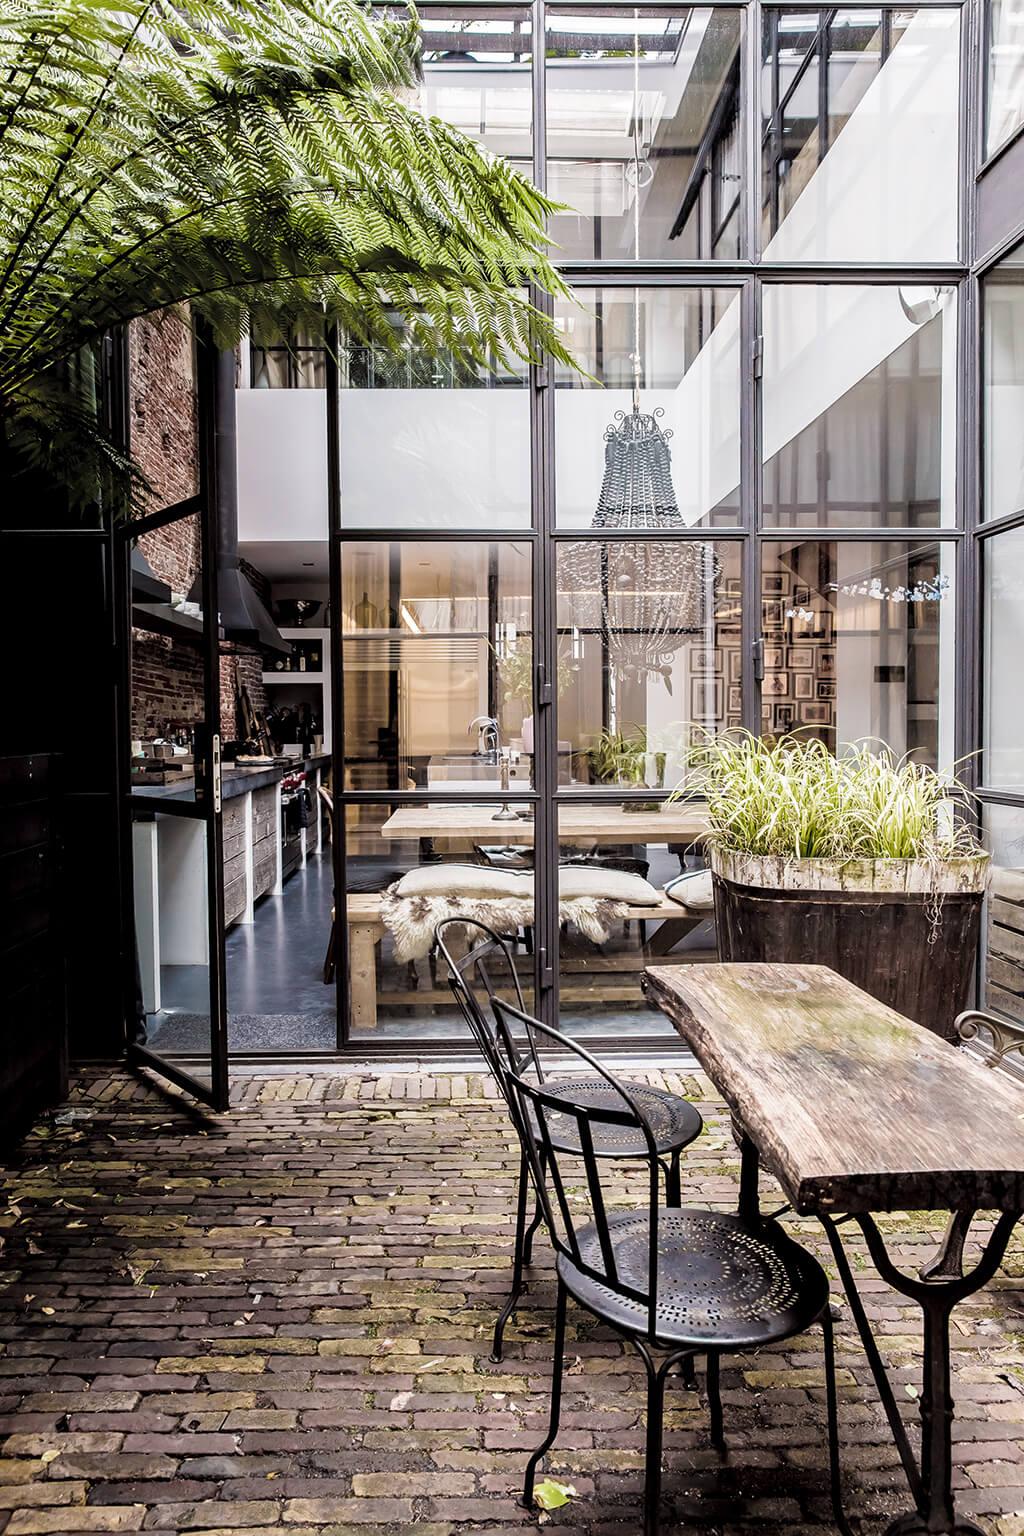 Loft style industriel avec verrière style atelier d'artiste